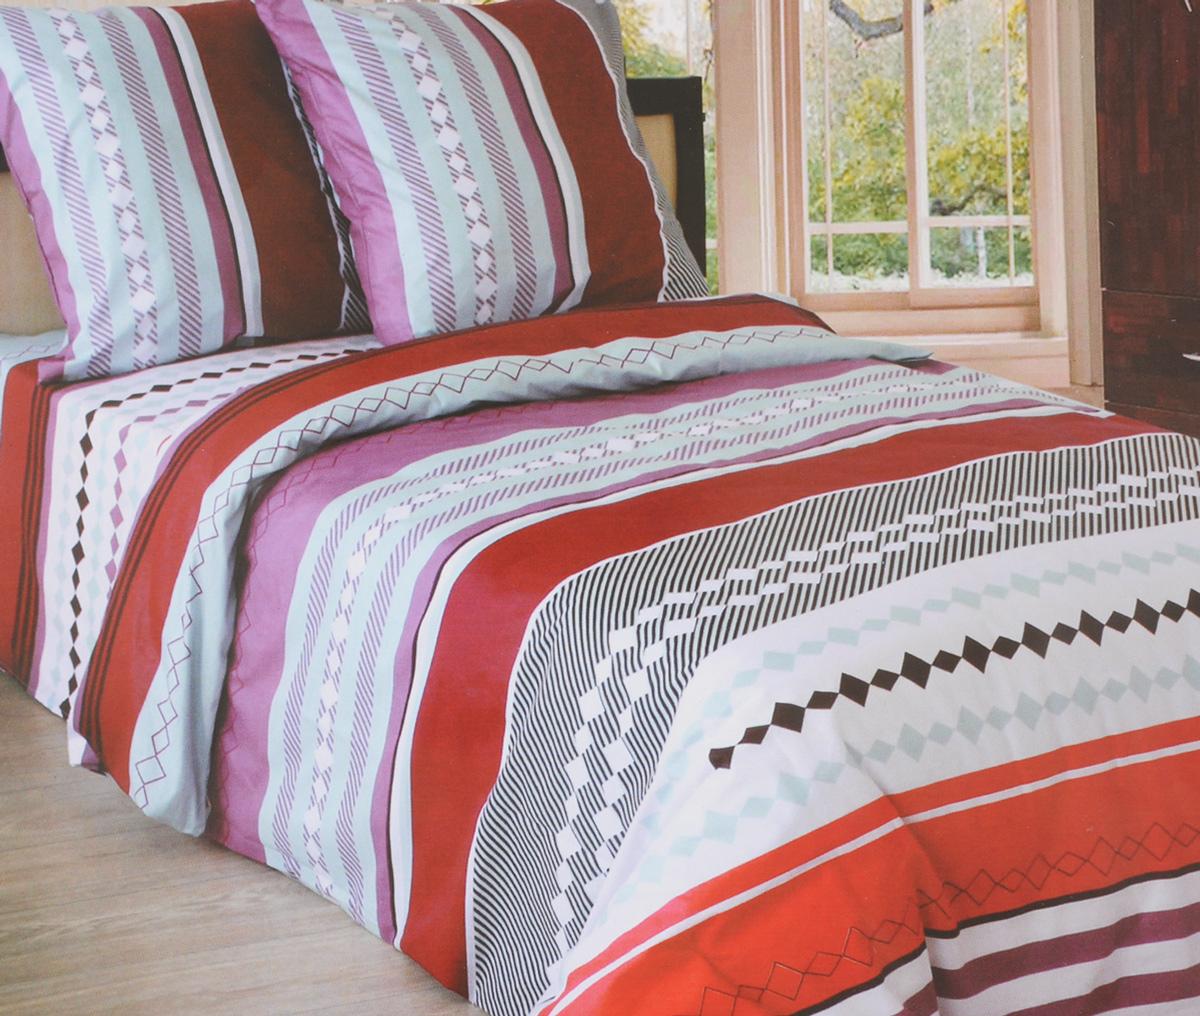 Комплект белья Катюша Каберне, 1,5-спальный, наволочки 70х70, цвет: лиловый, бордовый, белыйC-129/3944Комплект постельного белья Катюша Каберне является экологически безопасным для всей семьи, так как выполнен из бязи (100% хлопок). Комплект состоит из пододеяльника, простыни и двух наволочек. Постельное белье оформлено оригинальным рисунком и имеет изысканный внешний вид. Бязь - это ткань полотняного переплетения, изготовленная из экологически чистого и натурального 100% хлопка. Она прочная, мягкая, обладает низкой сминаемостью, легко стирается и хорошо гладится. Бязь прекрасно пропускает воздух и за ней легко ухаживать. При соблюдении рекомендуемых условий стирки, сушки и глажения ткань имеет усадку по ГОСТу, сохранятся яркость текстильных рисунков. Приобретая комплект постельного белья Катюша Каберне, вы можете быть уверенны в том, что покупка доставит вам и вашим близким удовольствие и подарит максимальный комфорт.